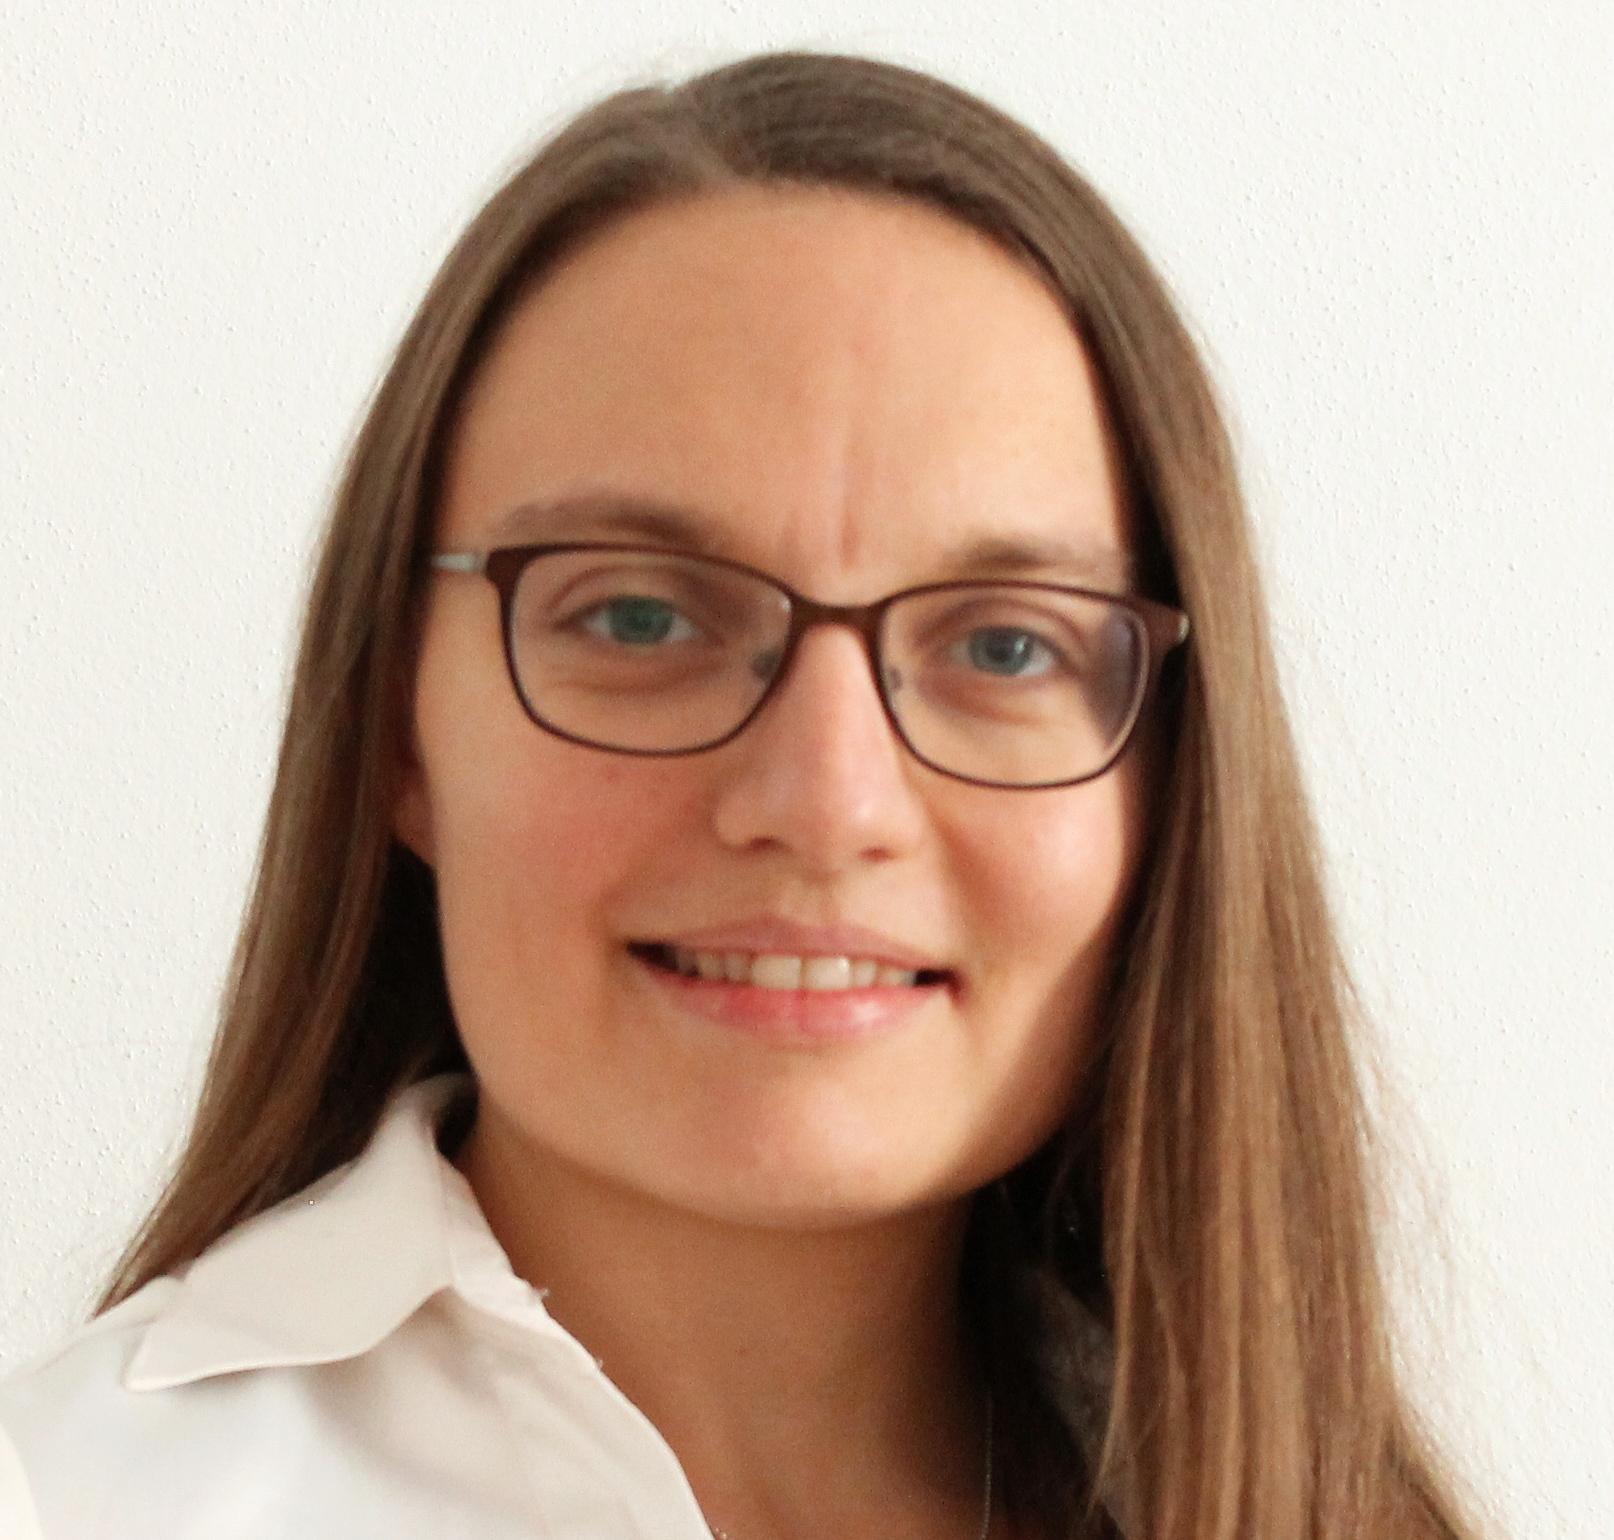 Headshot of Severine Habert